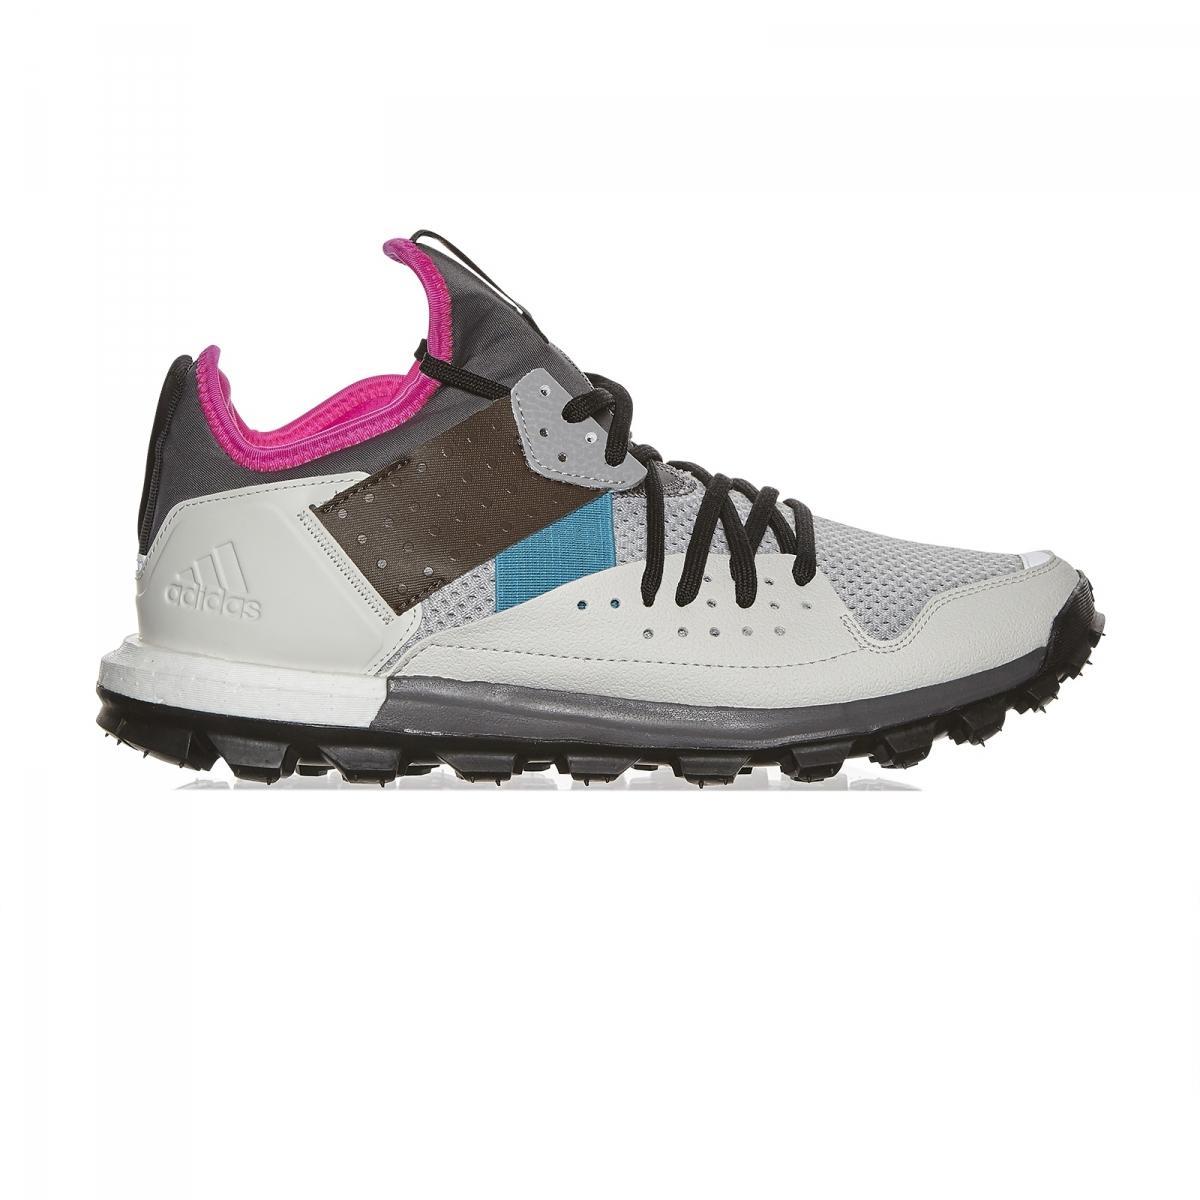 Lyst adidas originali kolorname x risposta impulso scarpe da ginnastica in tracce